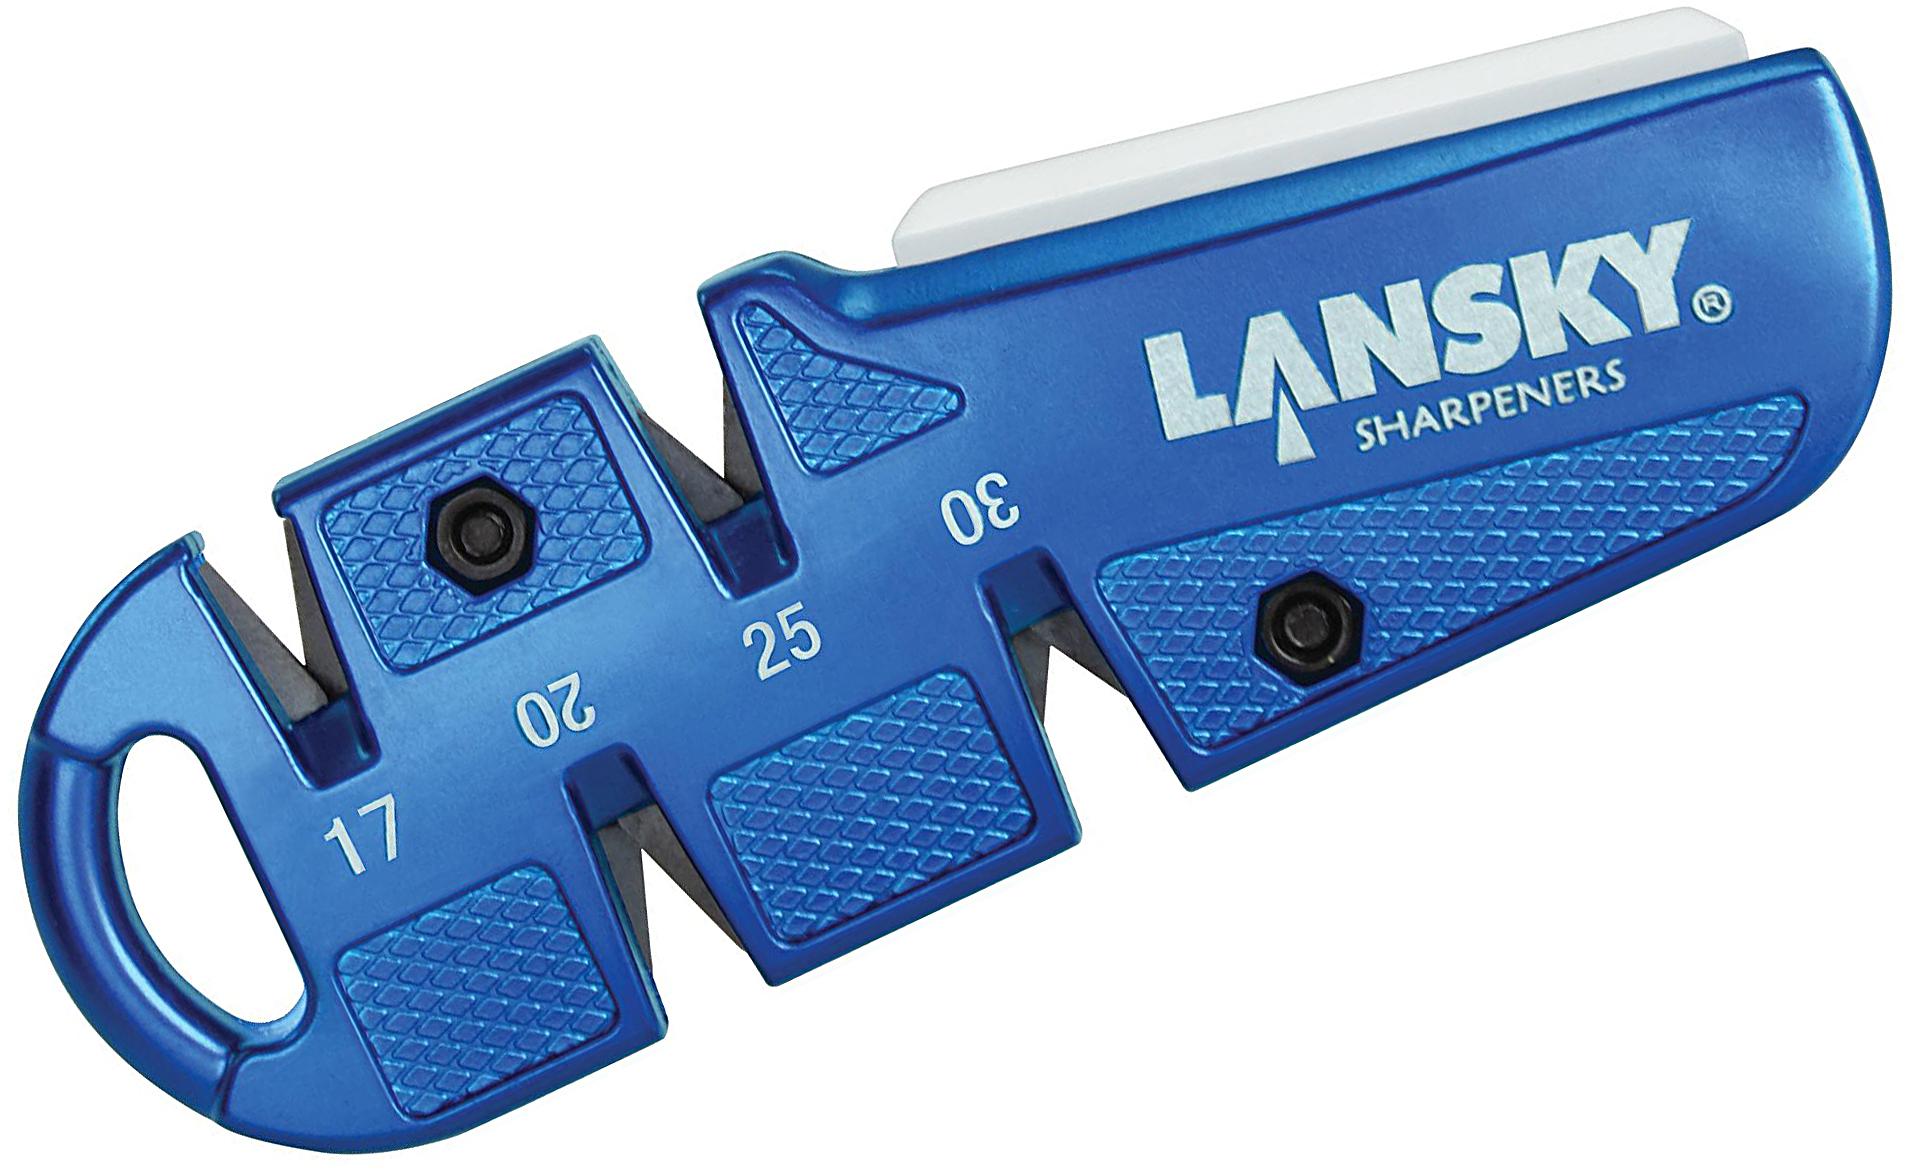 Lansky QuadSharp Knife Sharpener